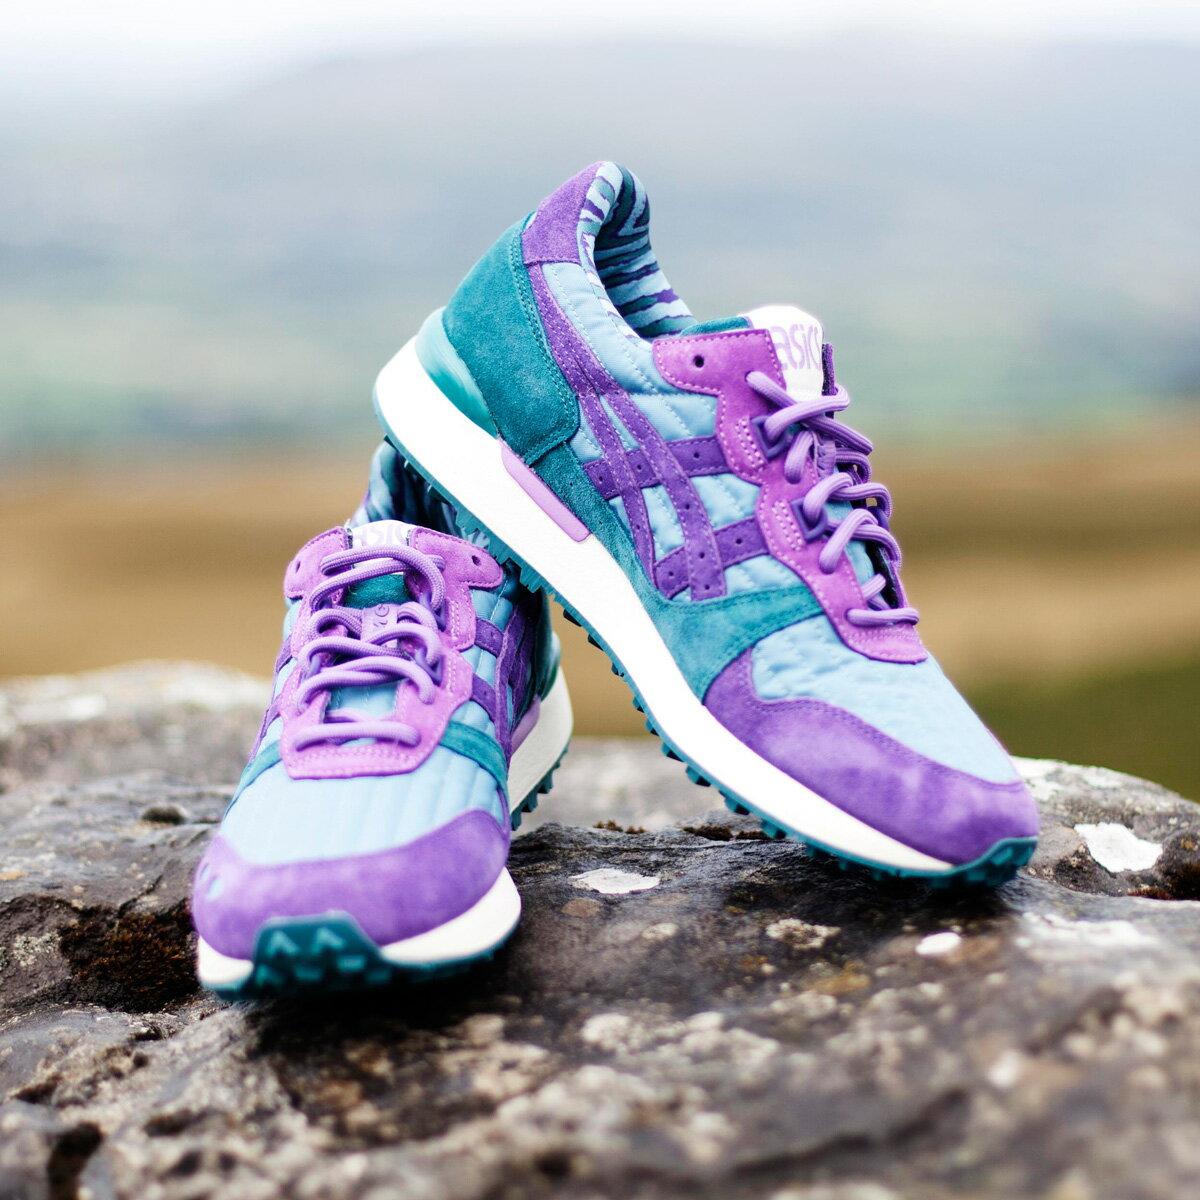 メンズ靴, スニーカー  ASICS Tiger YMC GEL-LYTE XT YMC XT GRIS BLUEROYAL PURPLE 1191a072-400